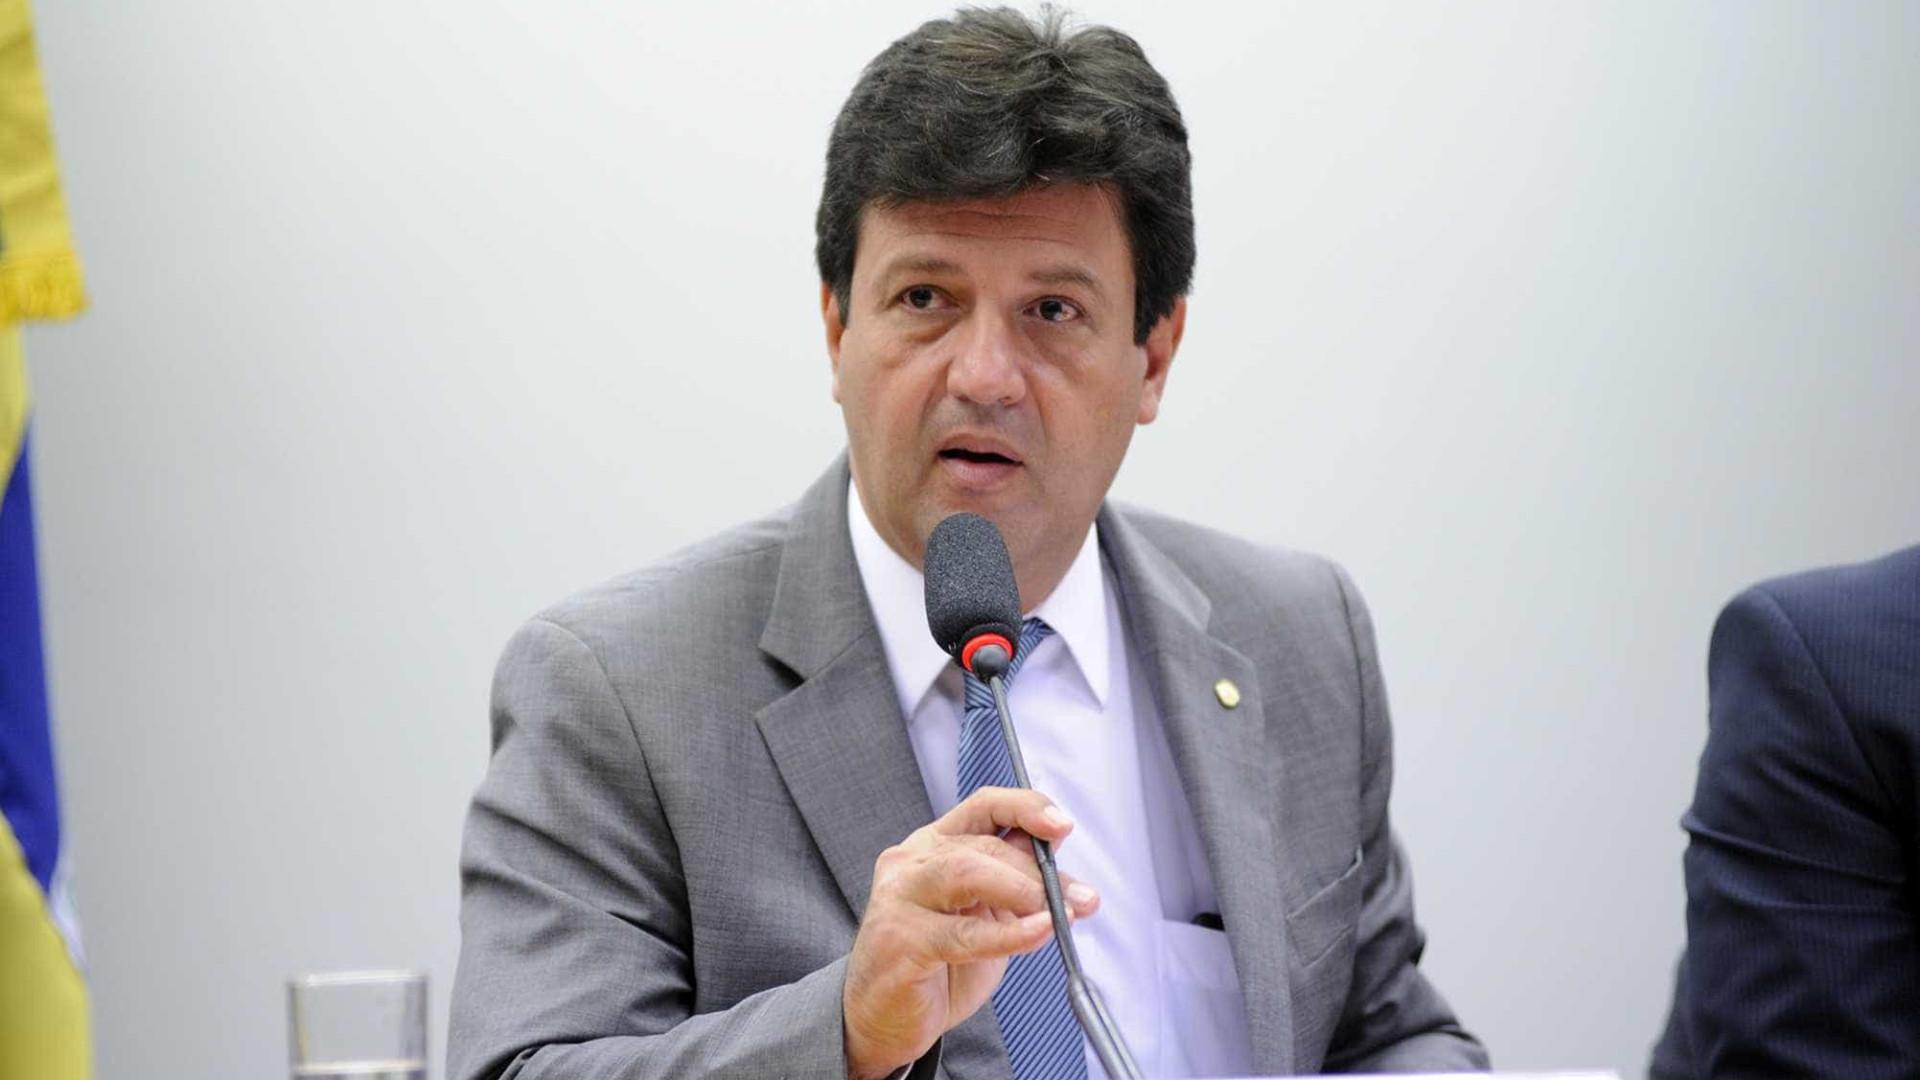 Ministros divergem sobre educação sexual em escolas